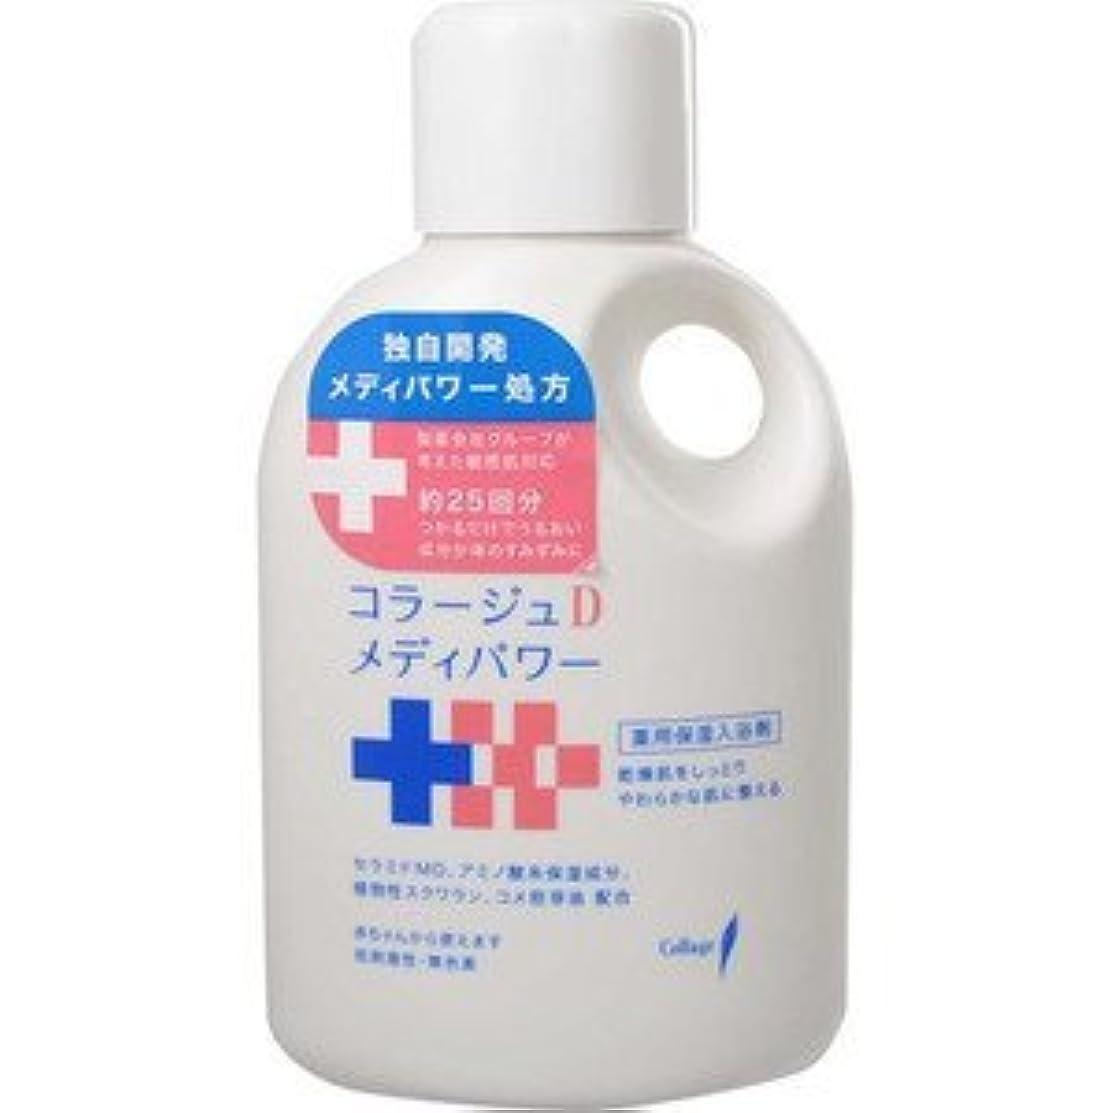 限られた耐久散髪(持田ヘルスケア)コラージュ Dメディパワー保湿入浴剤 500ml(医薬部外品)(お買い得3個セット)